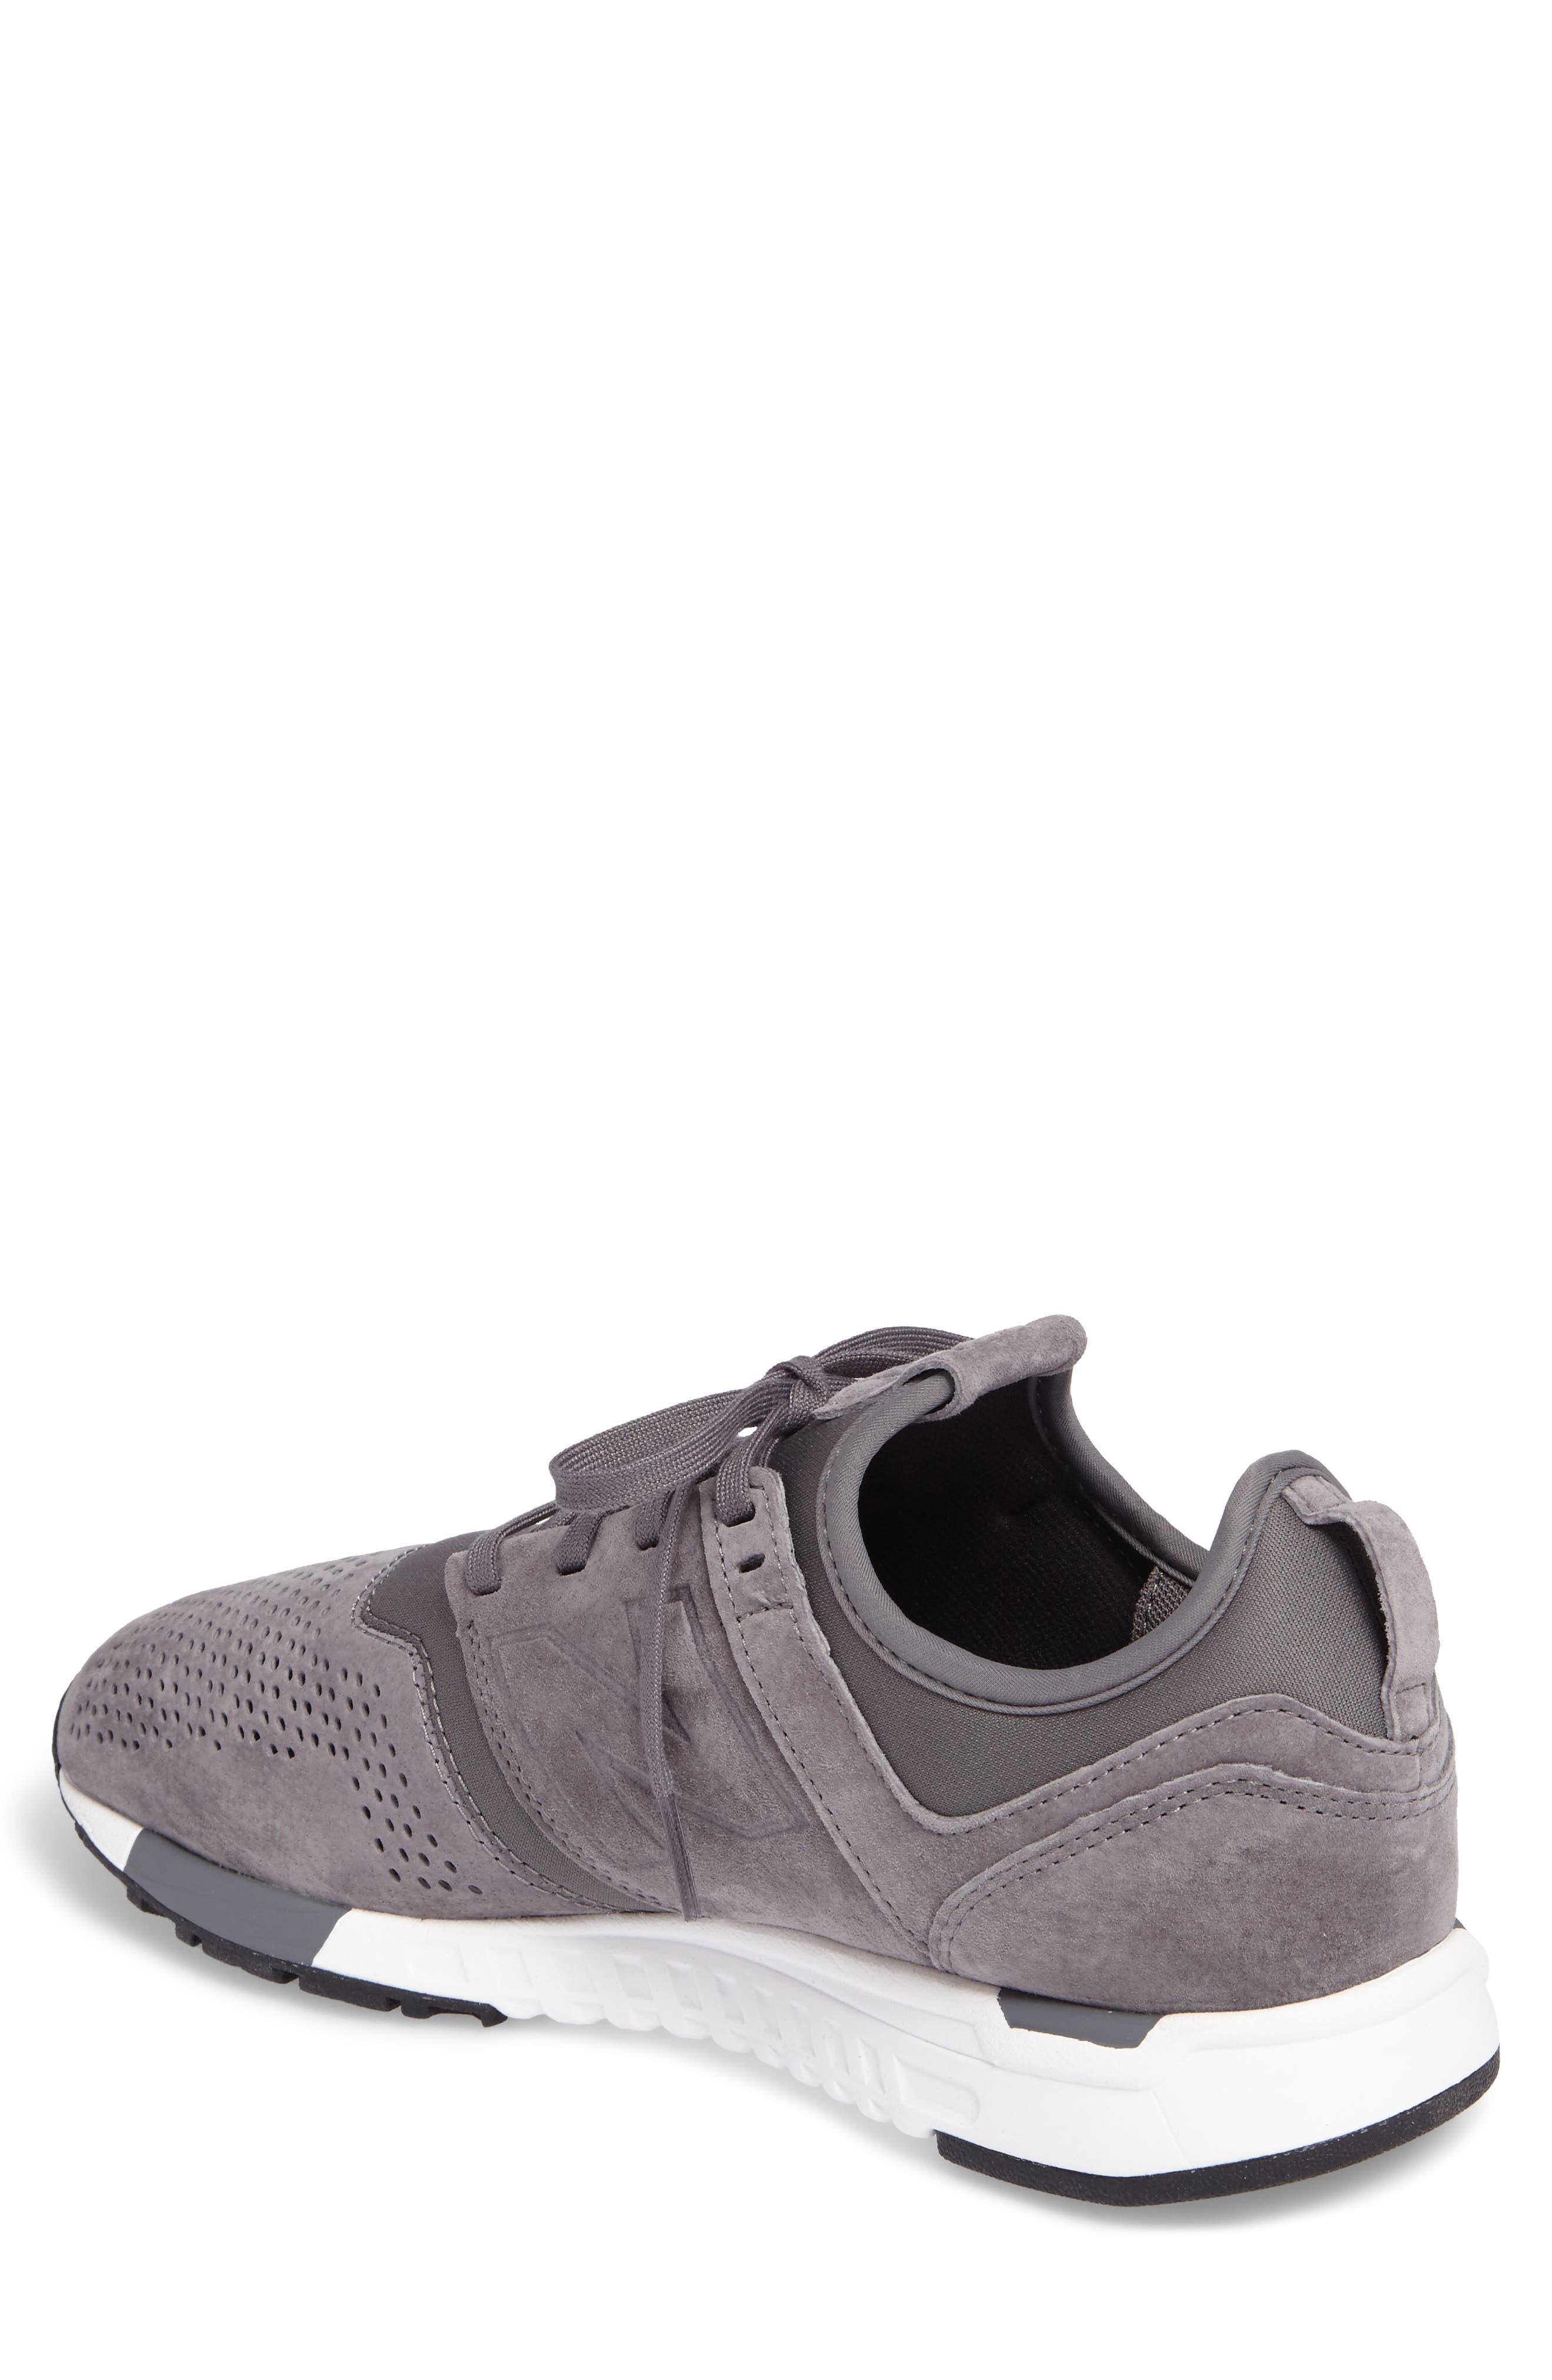 247 Sneaker,                             Alternate thumbnail 3, color,